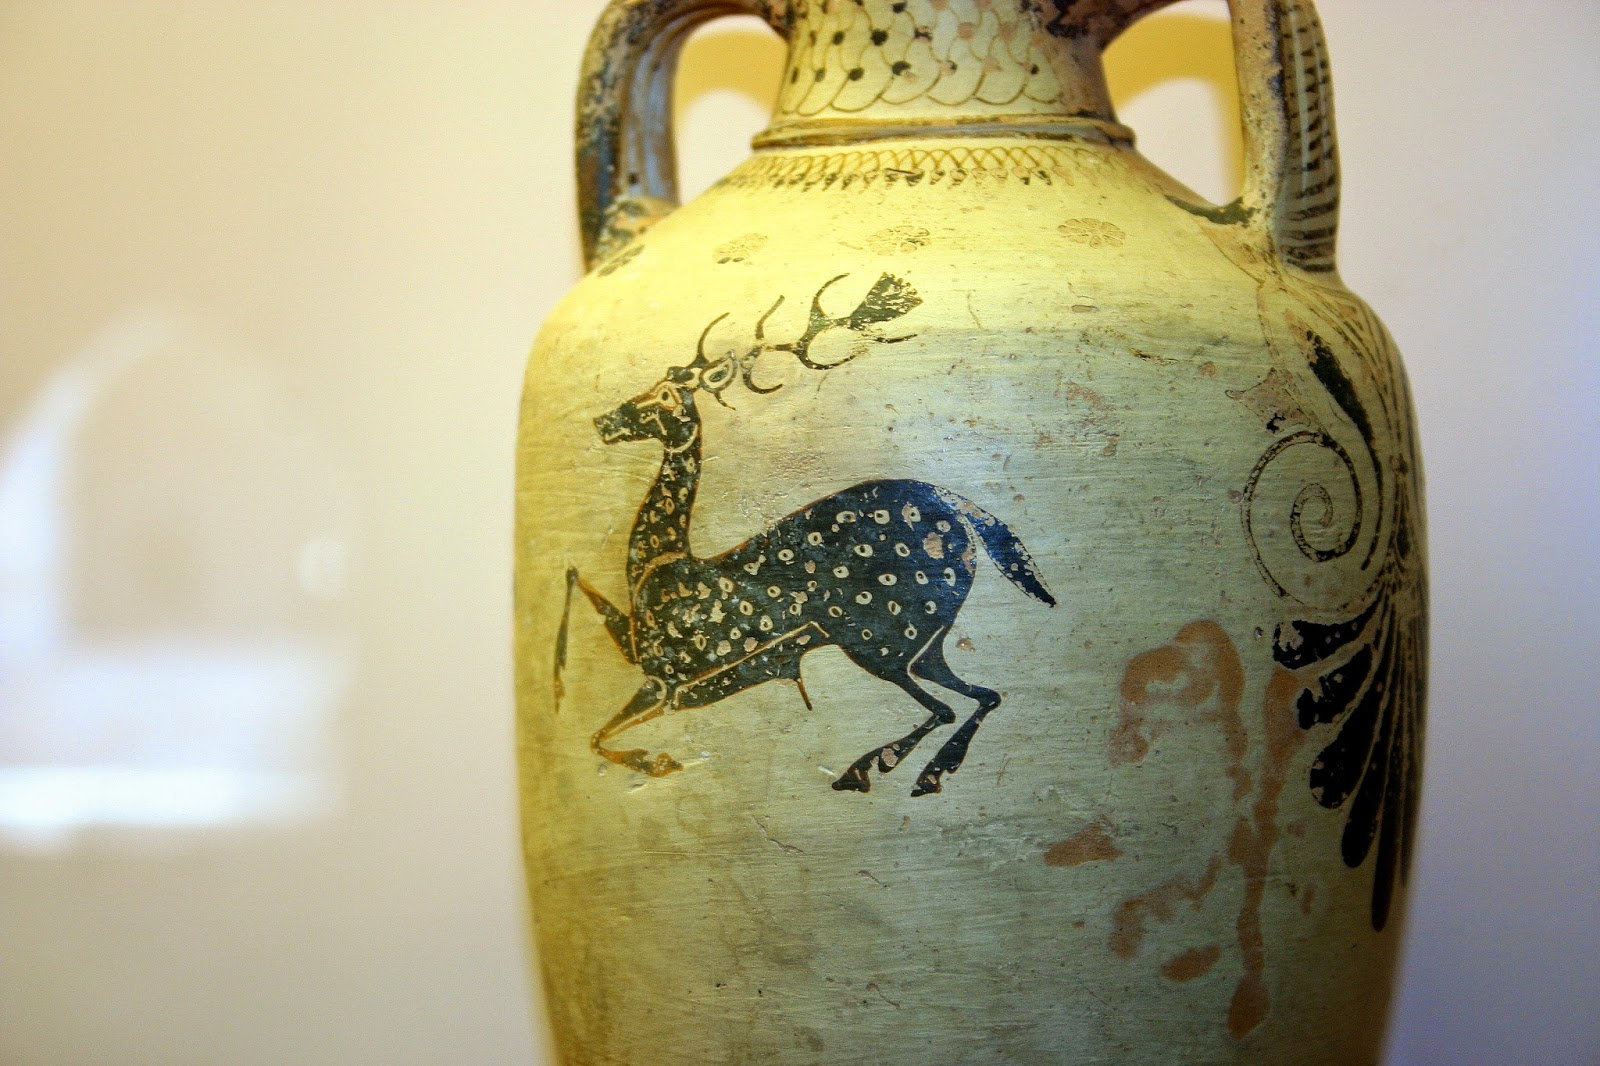 Ссылка дня: как разделяли мусор в Древнем Риме